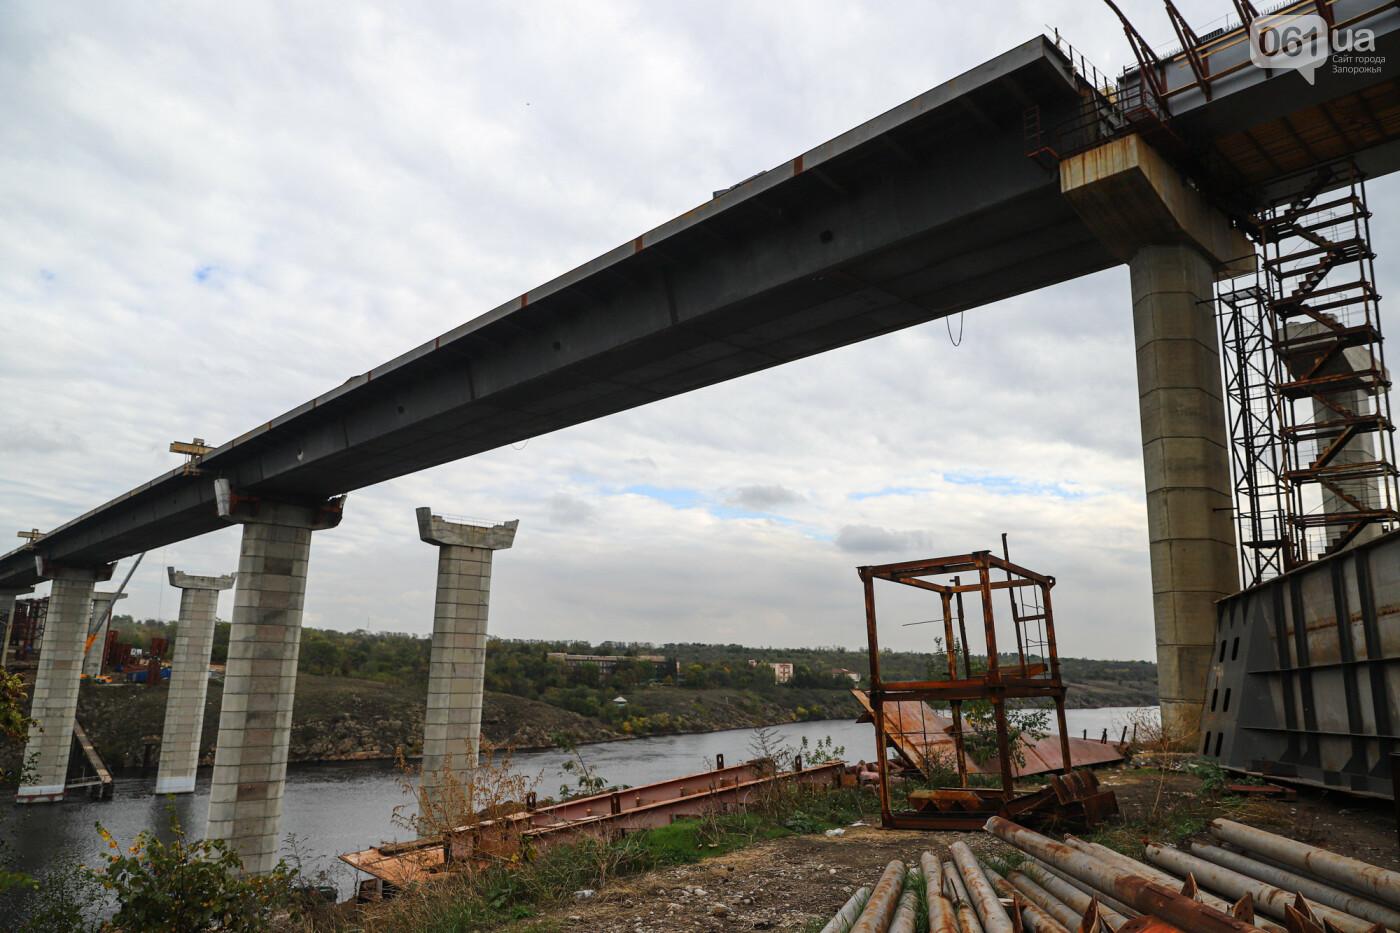 Строительство балочного моста, осень-зима 2020